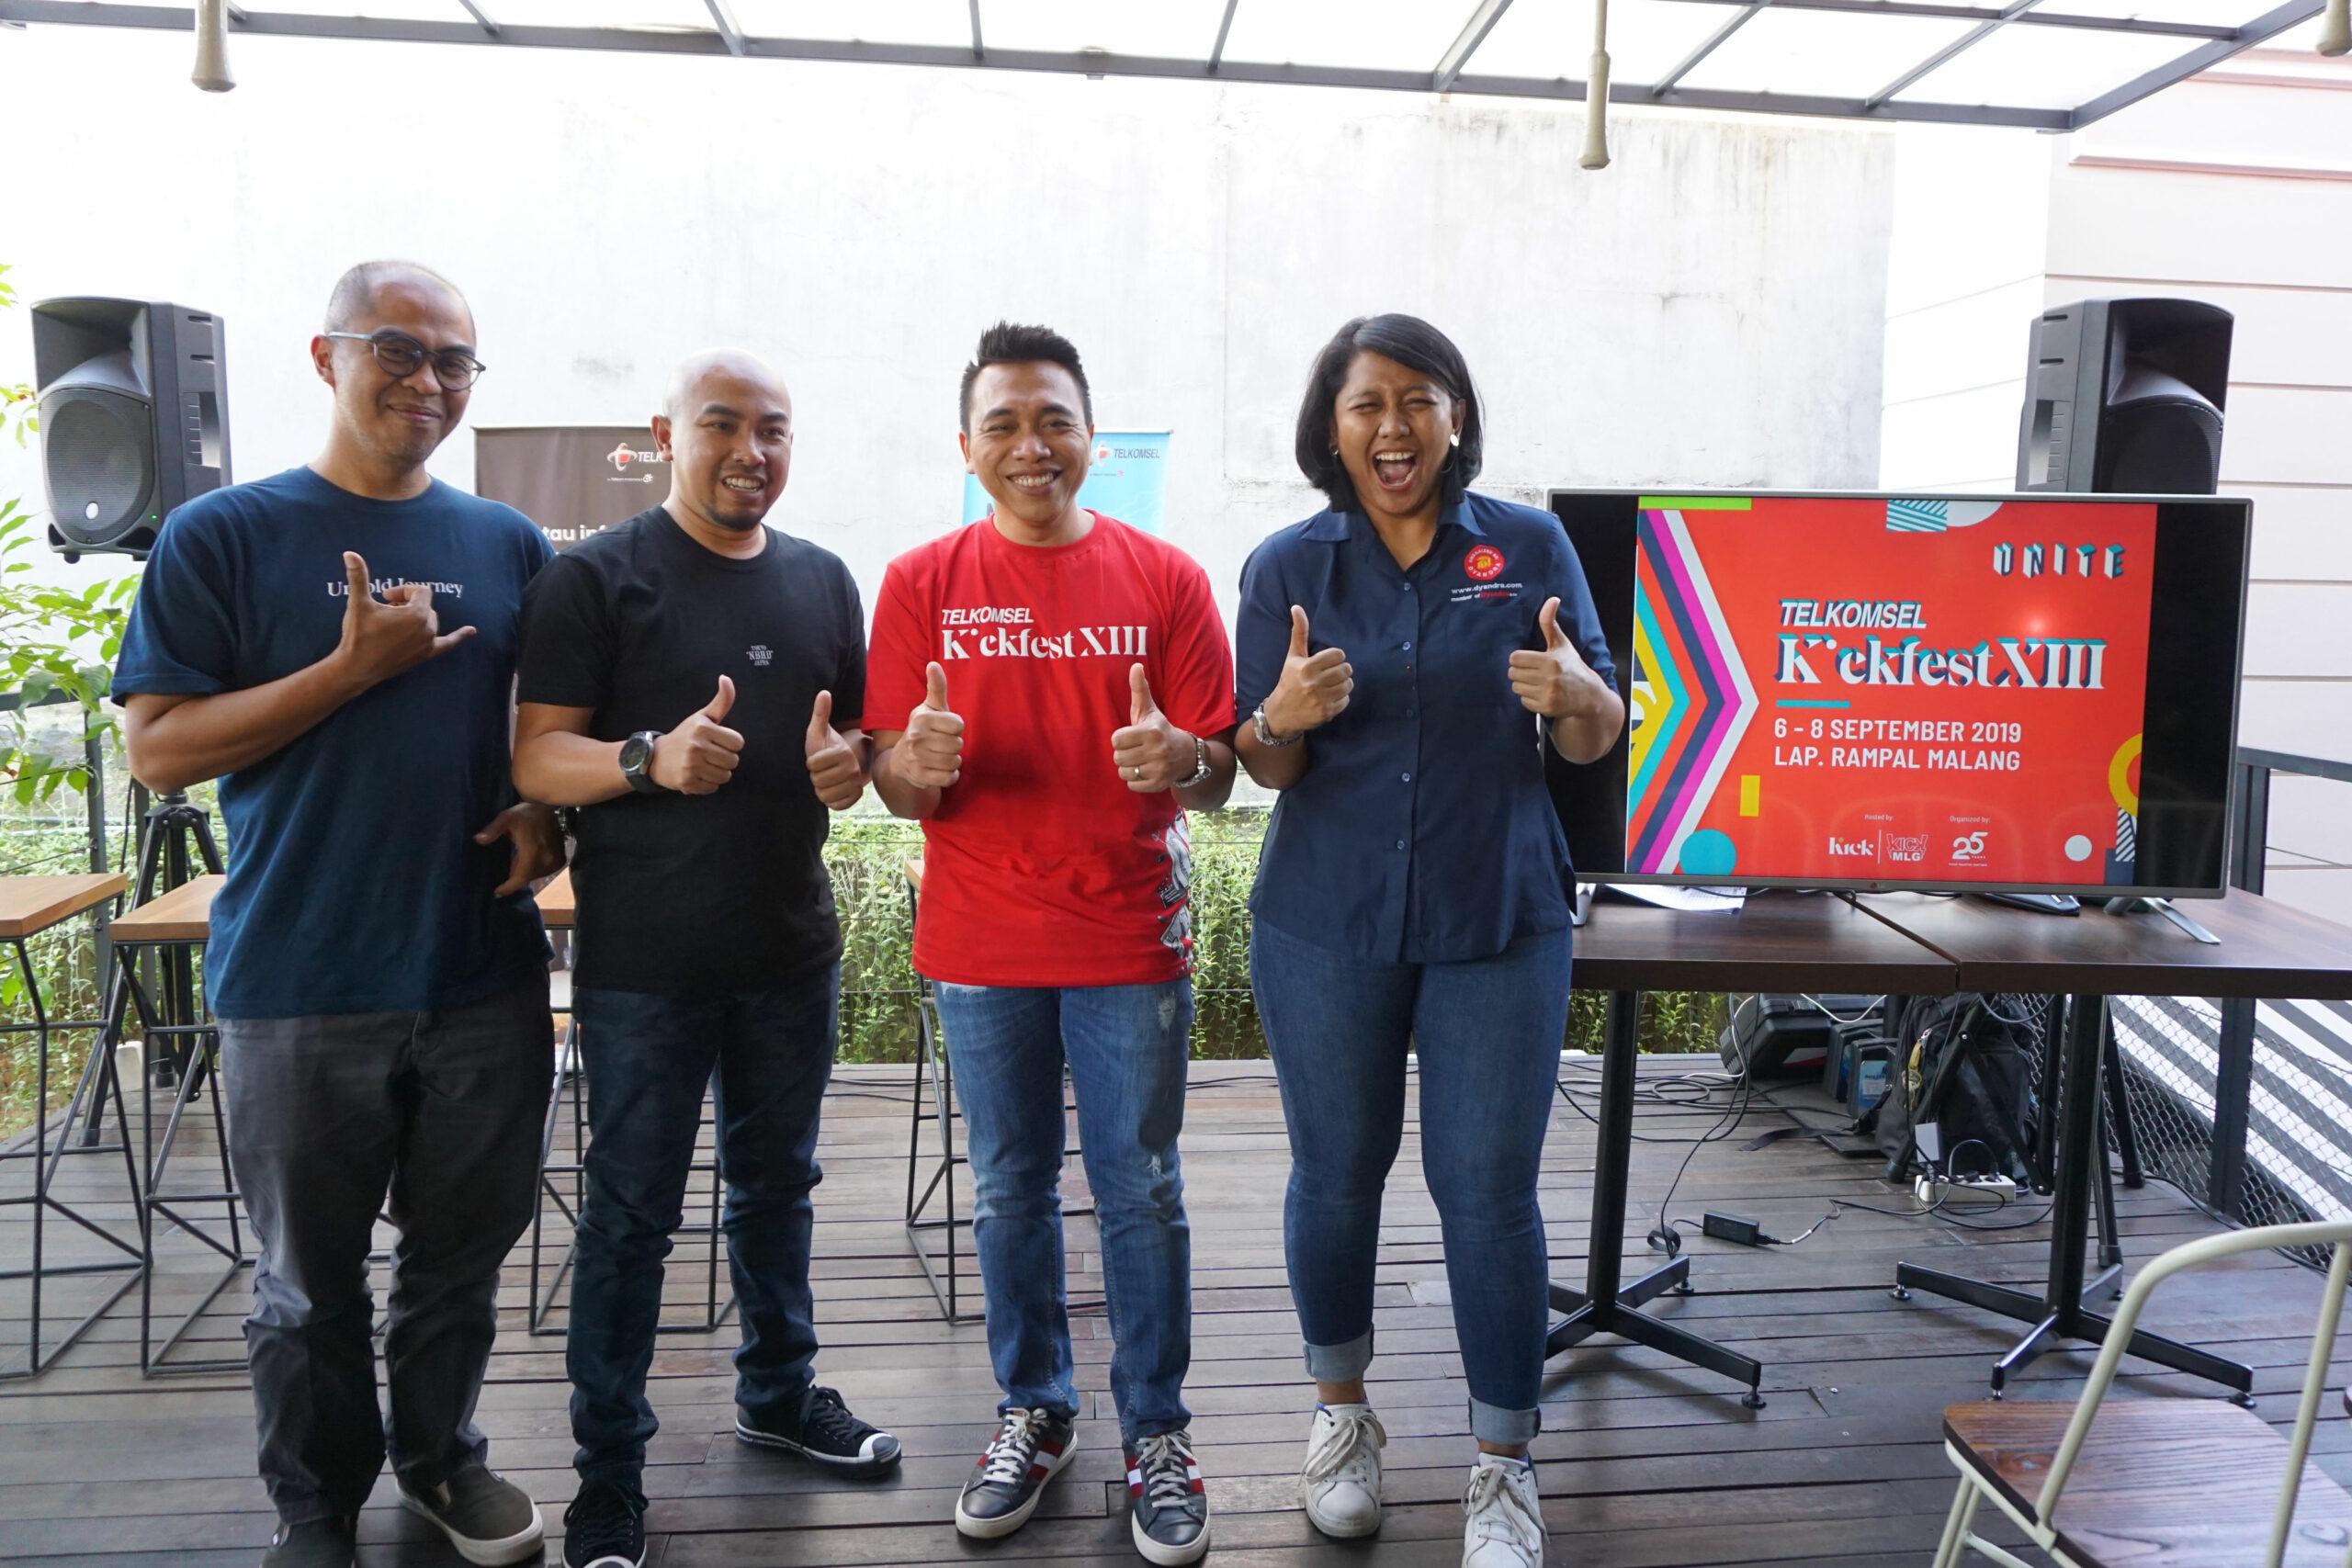 Telkomsel Kickfest XIII di Malang